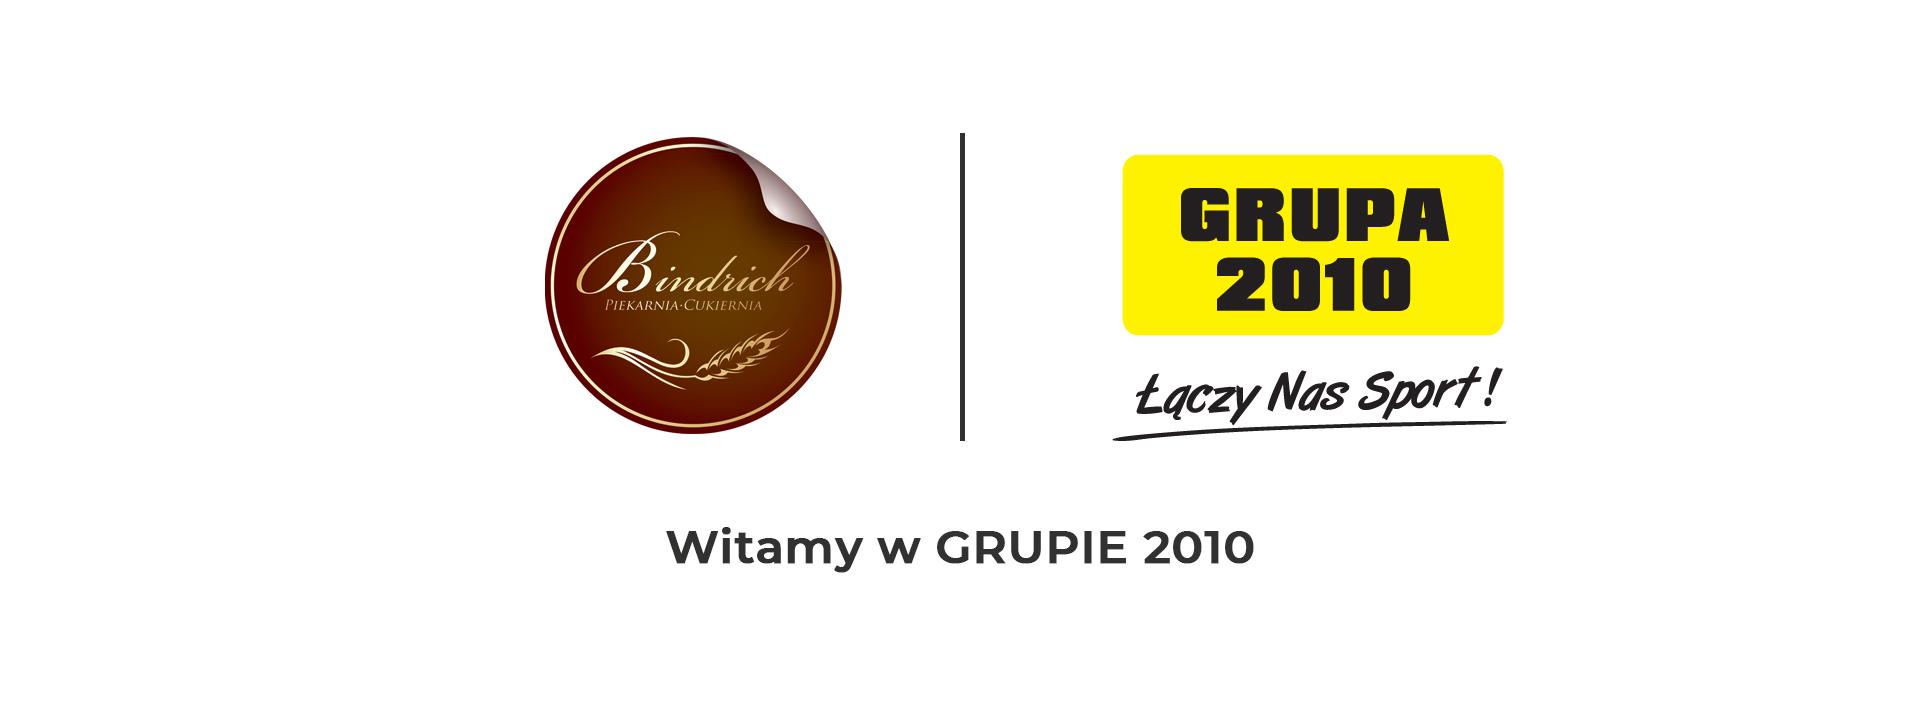 Kolejna nowa firma dołączyła do GRUPY 2010! Witamy serdecznie!